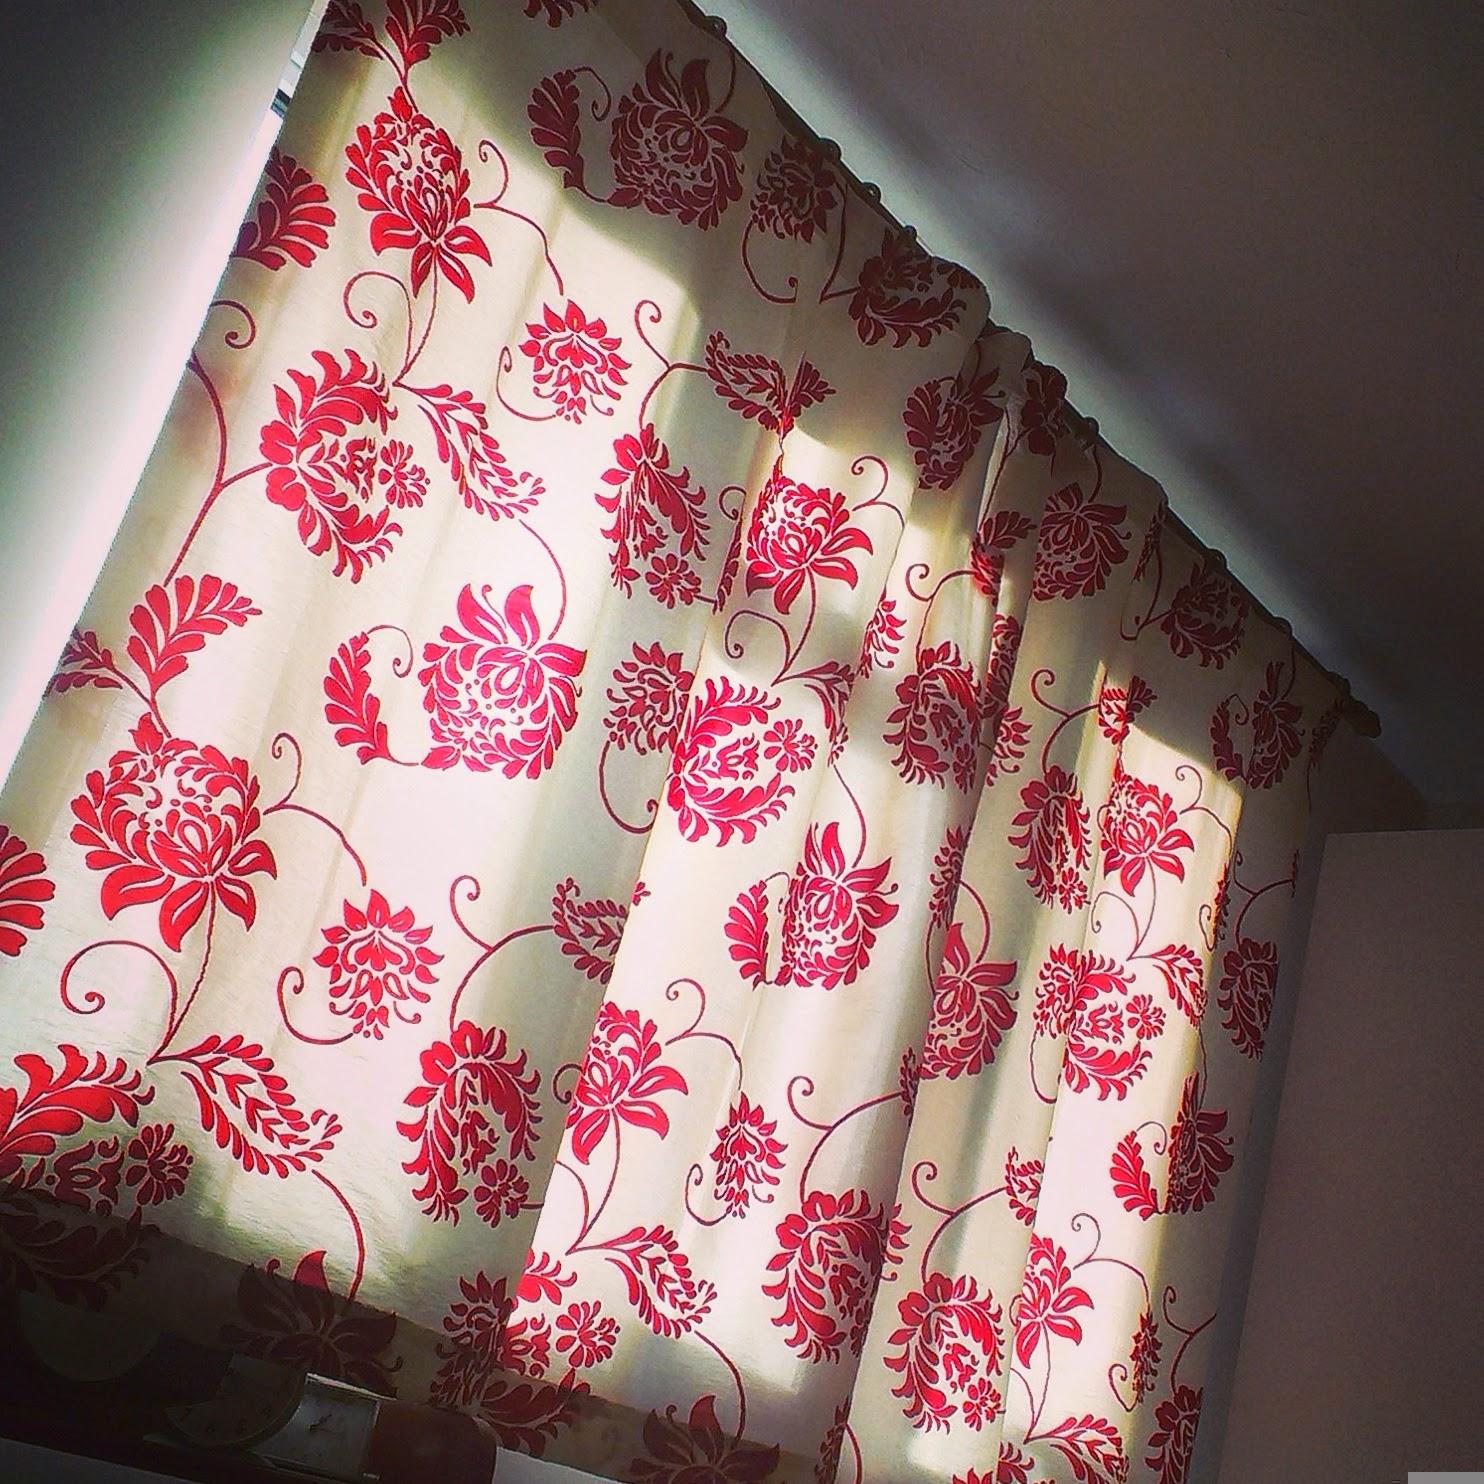 9am - sunshine through the curtains